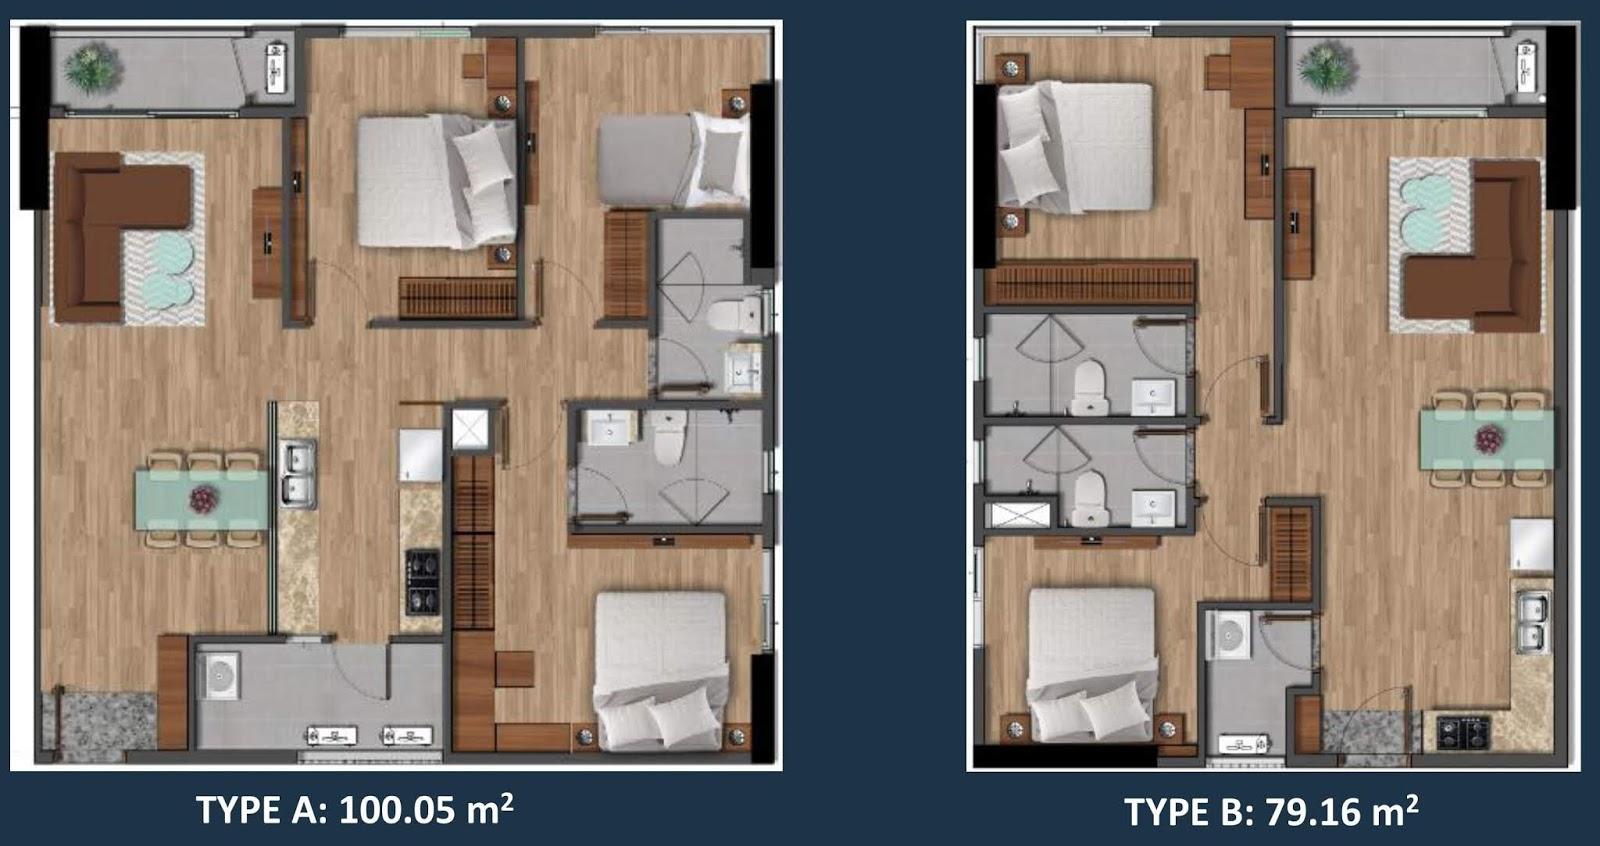 Mặt bằng căn hộ loại A và B